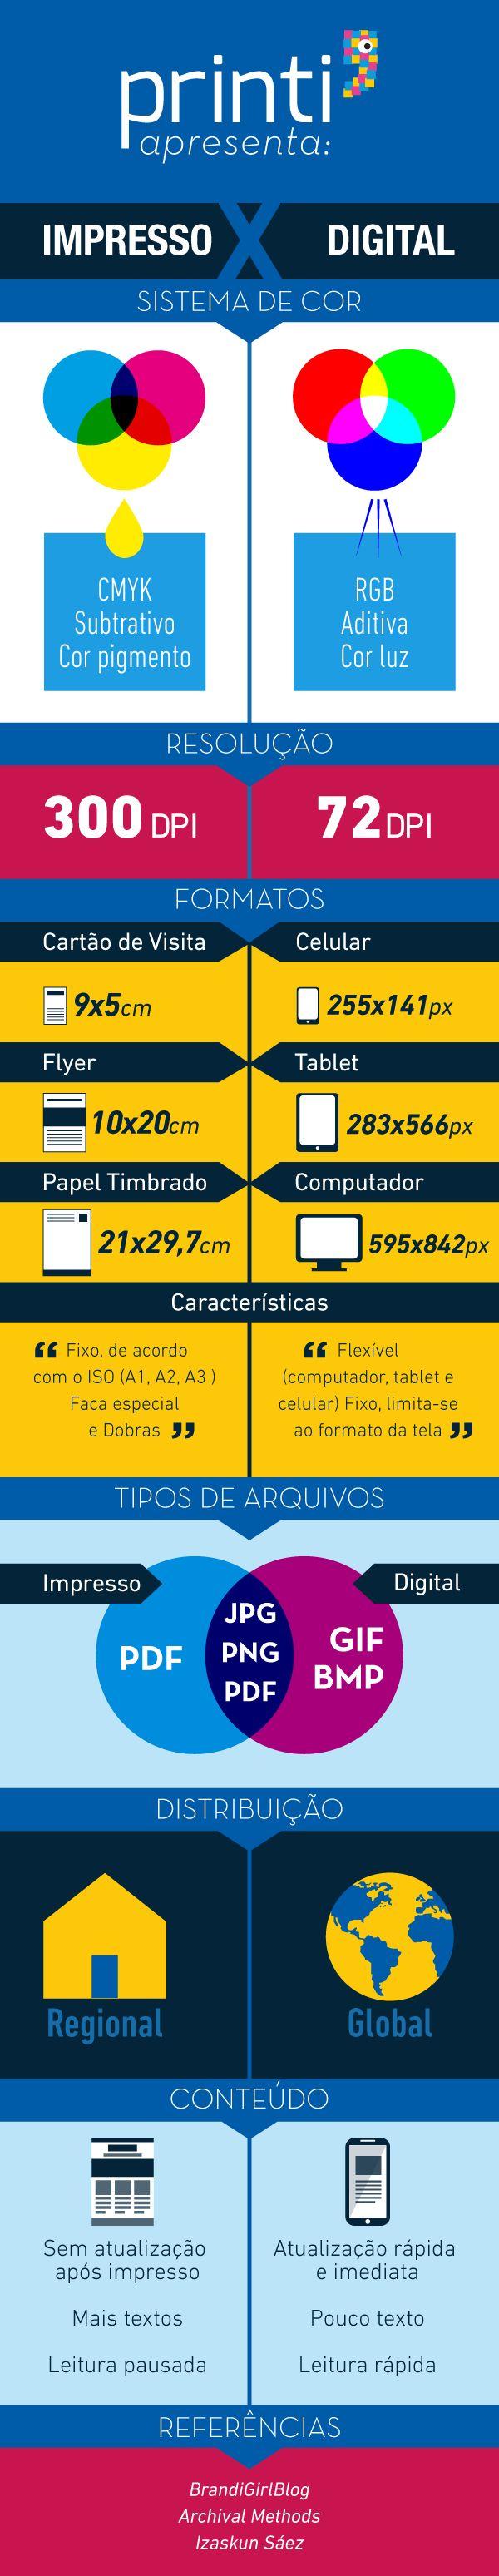 A diferença entre o impresso e o digital [Infográfico]